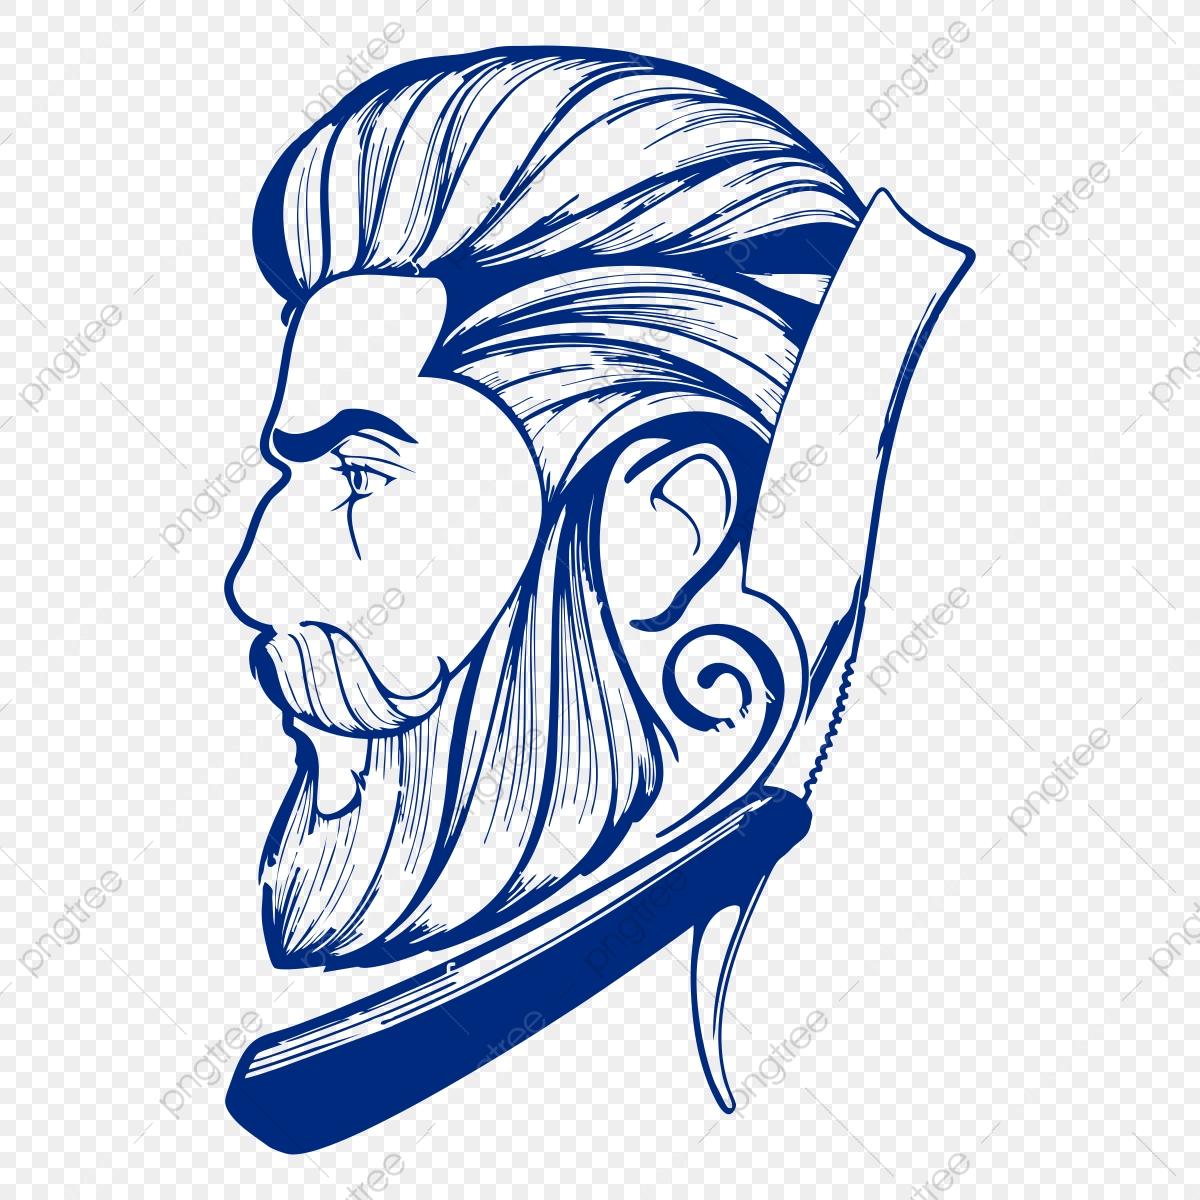 Barber clipart cartoon. Shop haircut